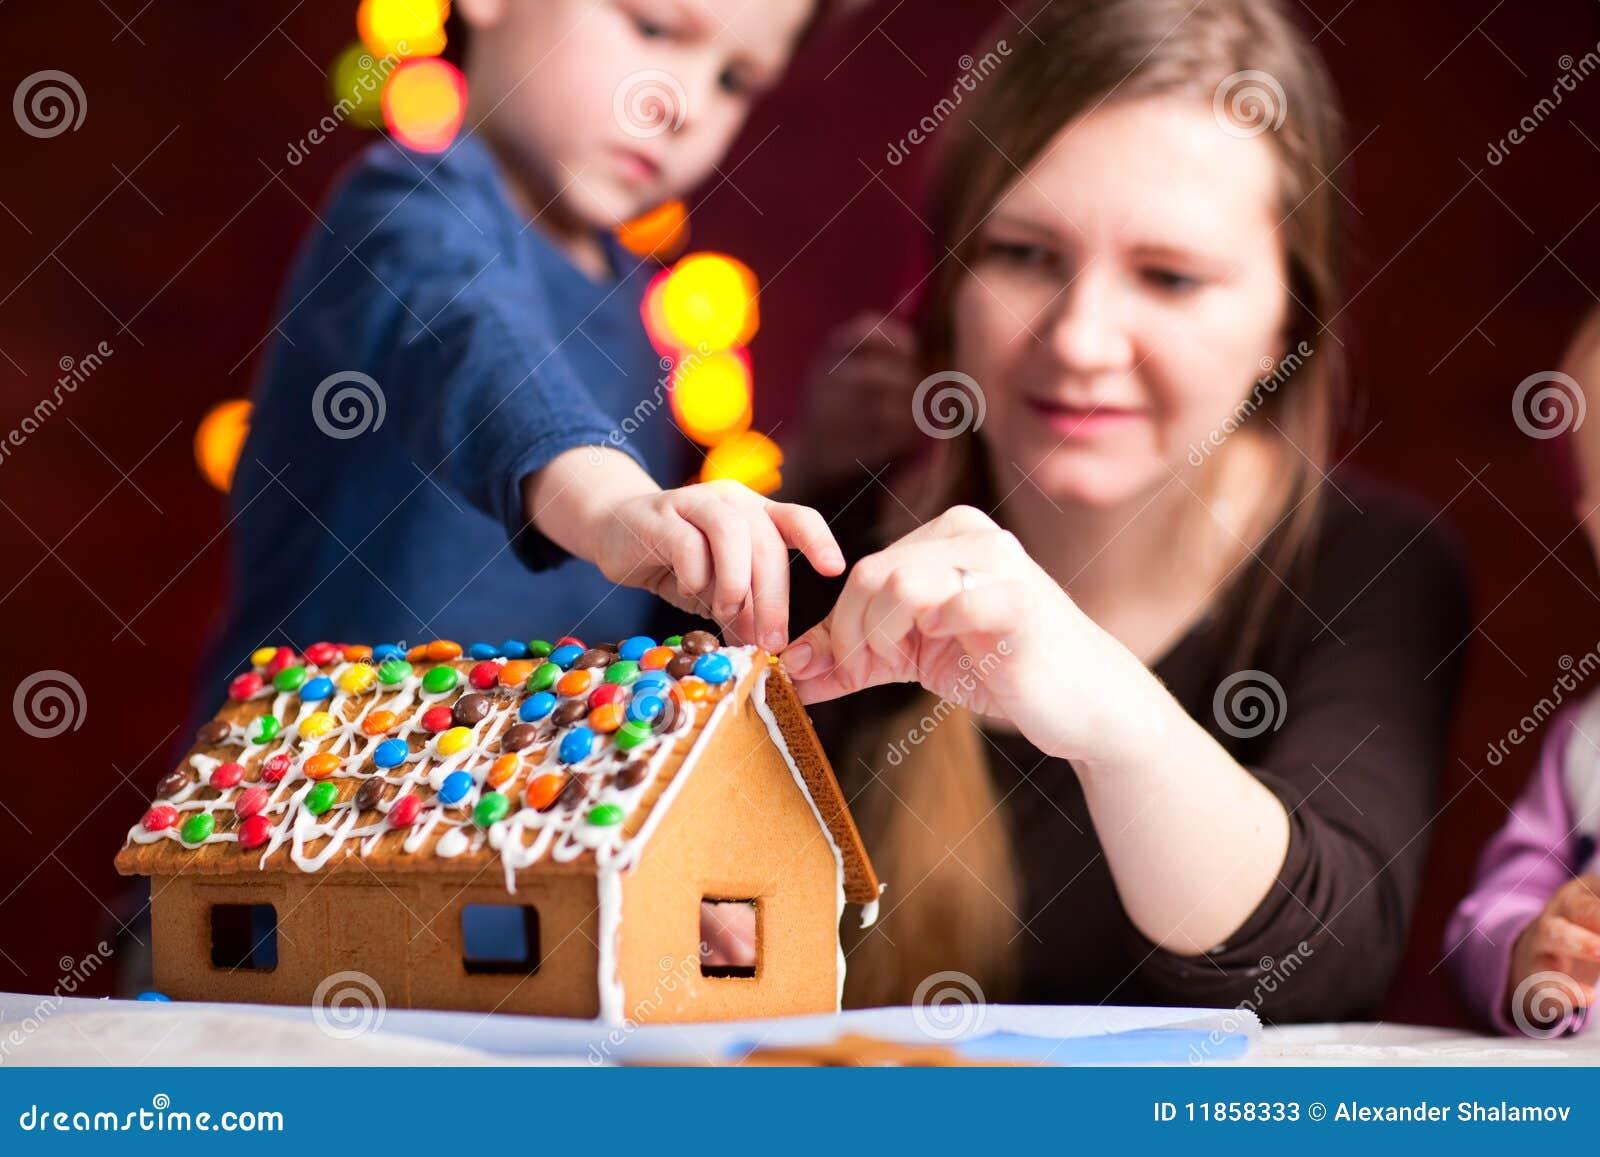 Decorazione della casa di pan di zenzero immagine stock for Decorazione della casa